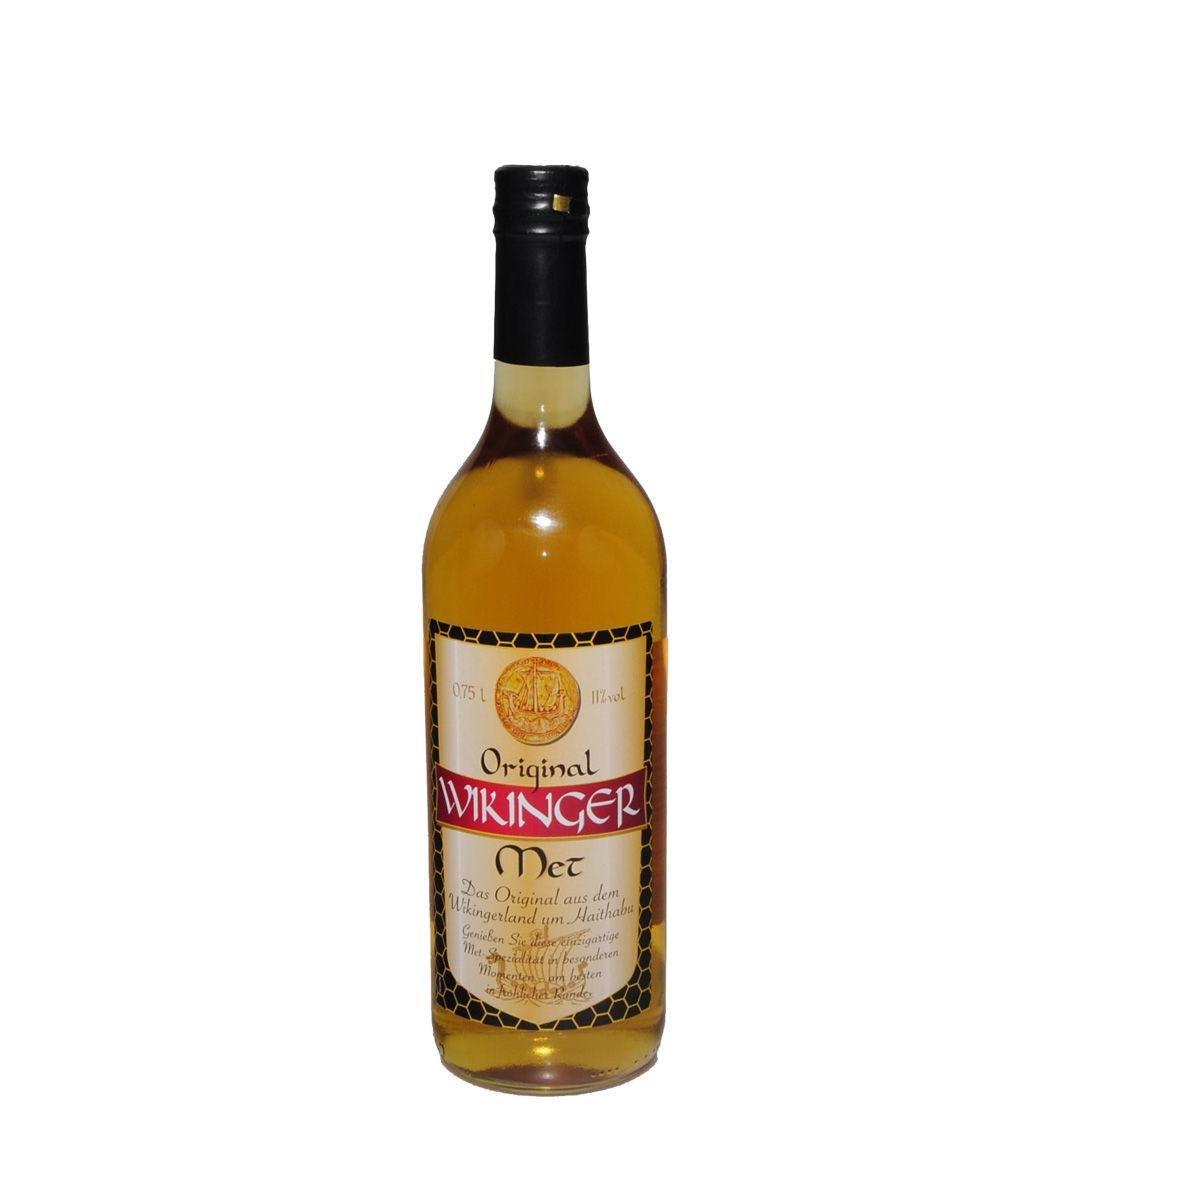 Behn Original Wikinger Met (1 x 0.75 l): Amazon.de: Bier, Wein ...